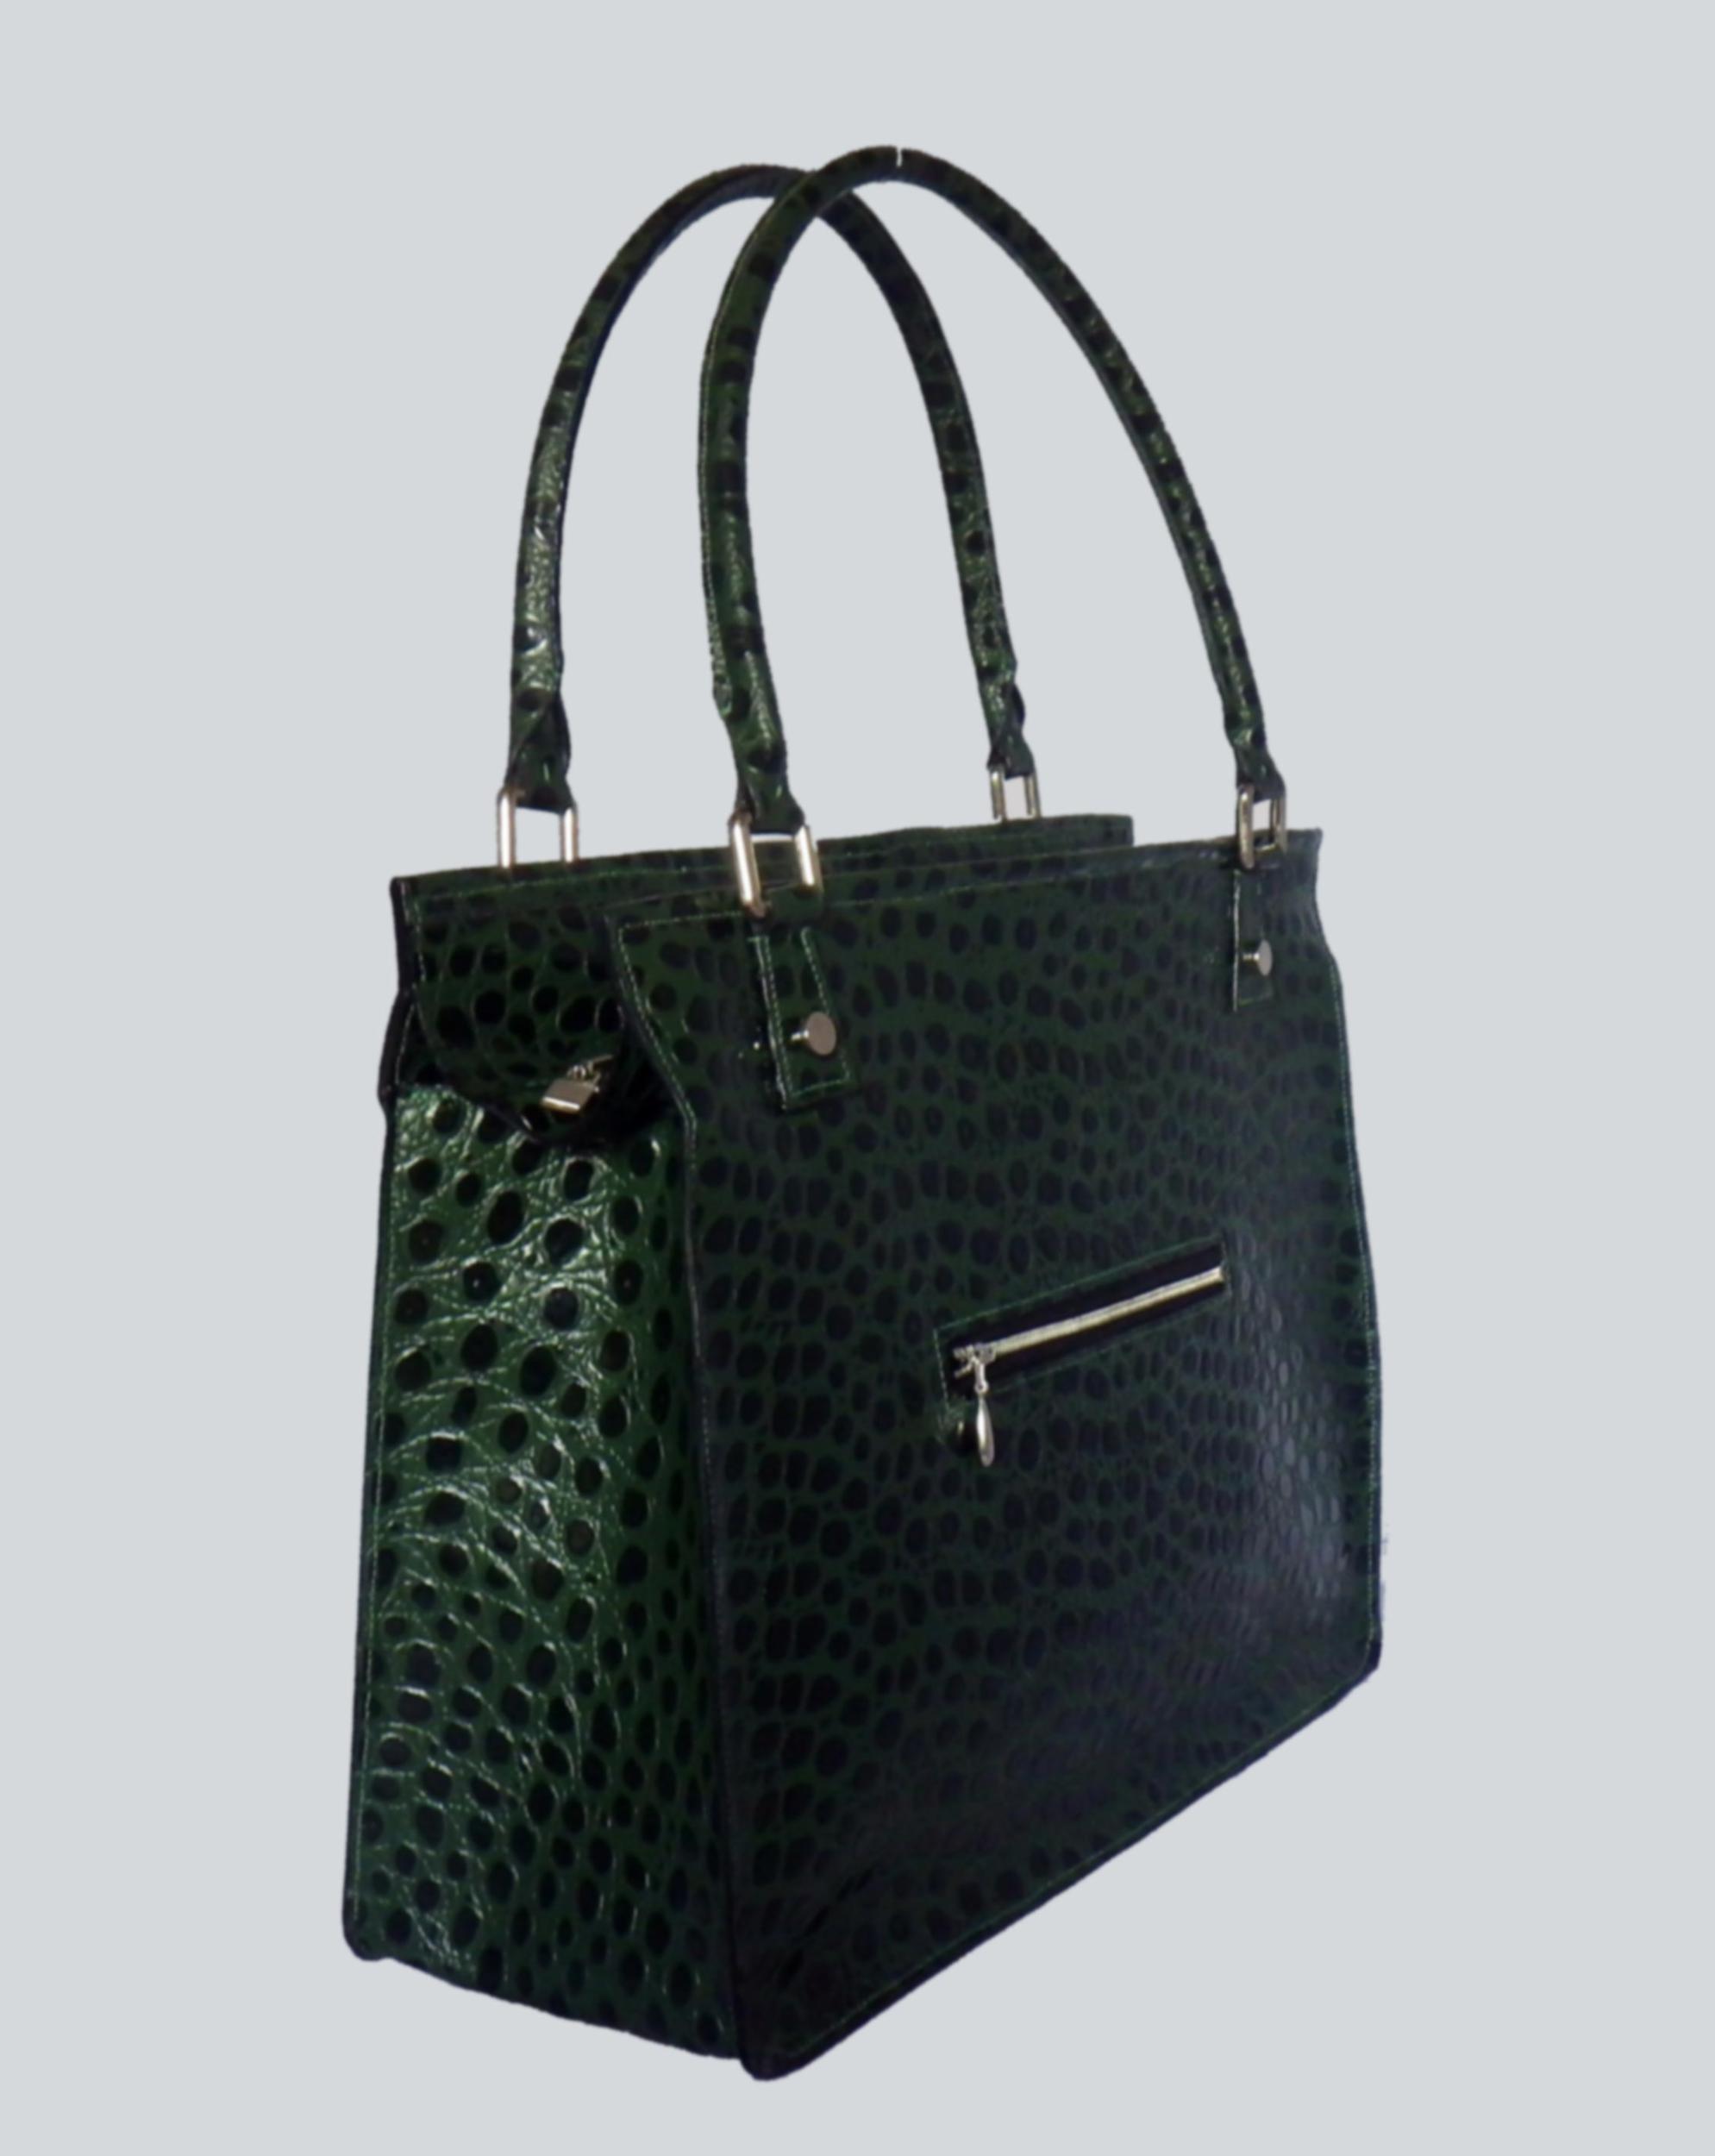 CHOLATSE sac en cuir de vachette façon croco vert olive porté main ou épaule